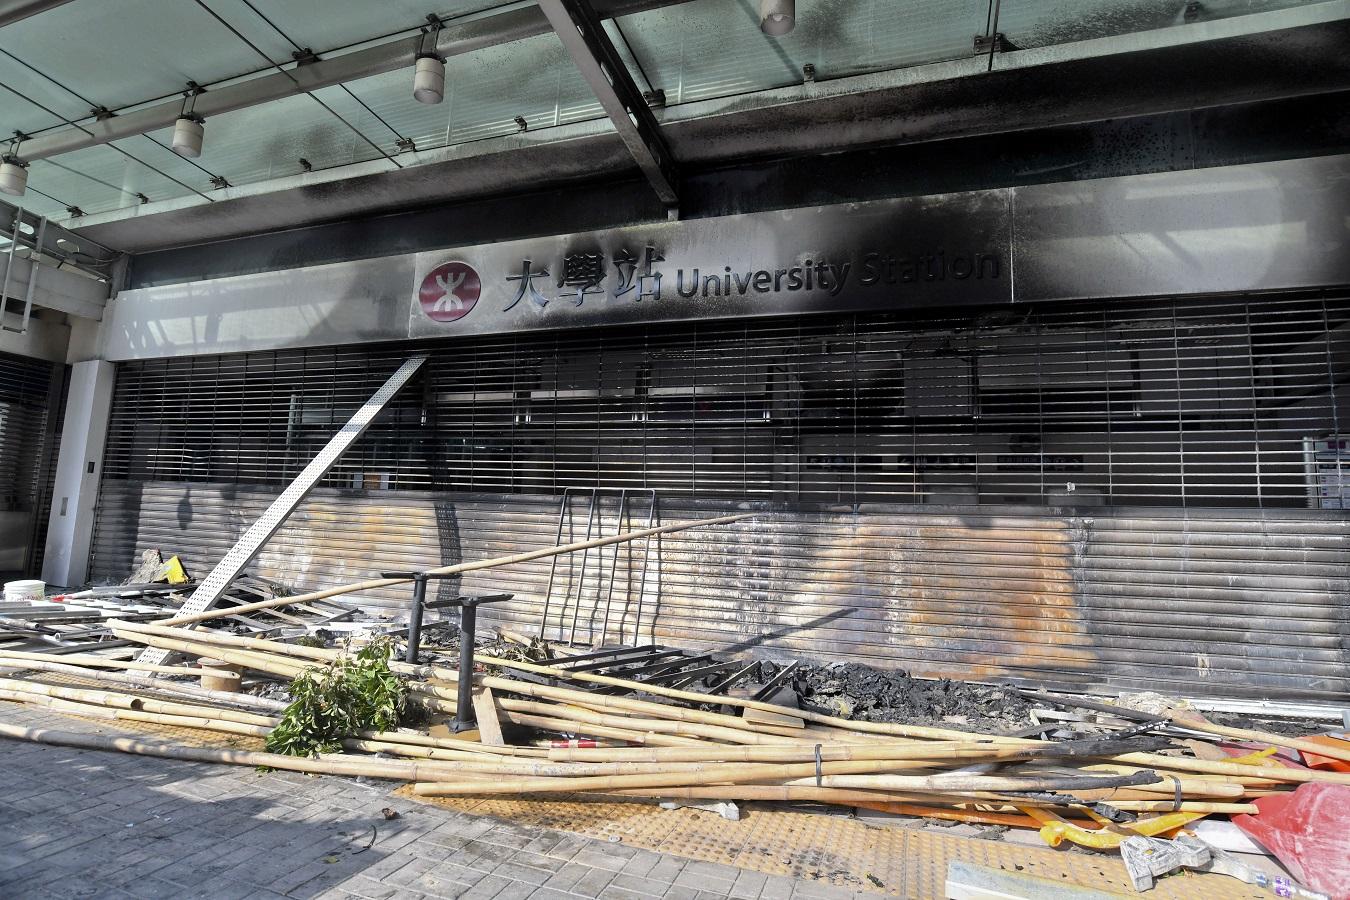 東鐵大學站周六仍會關閉。